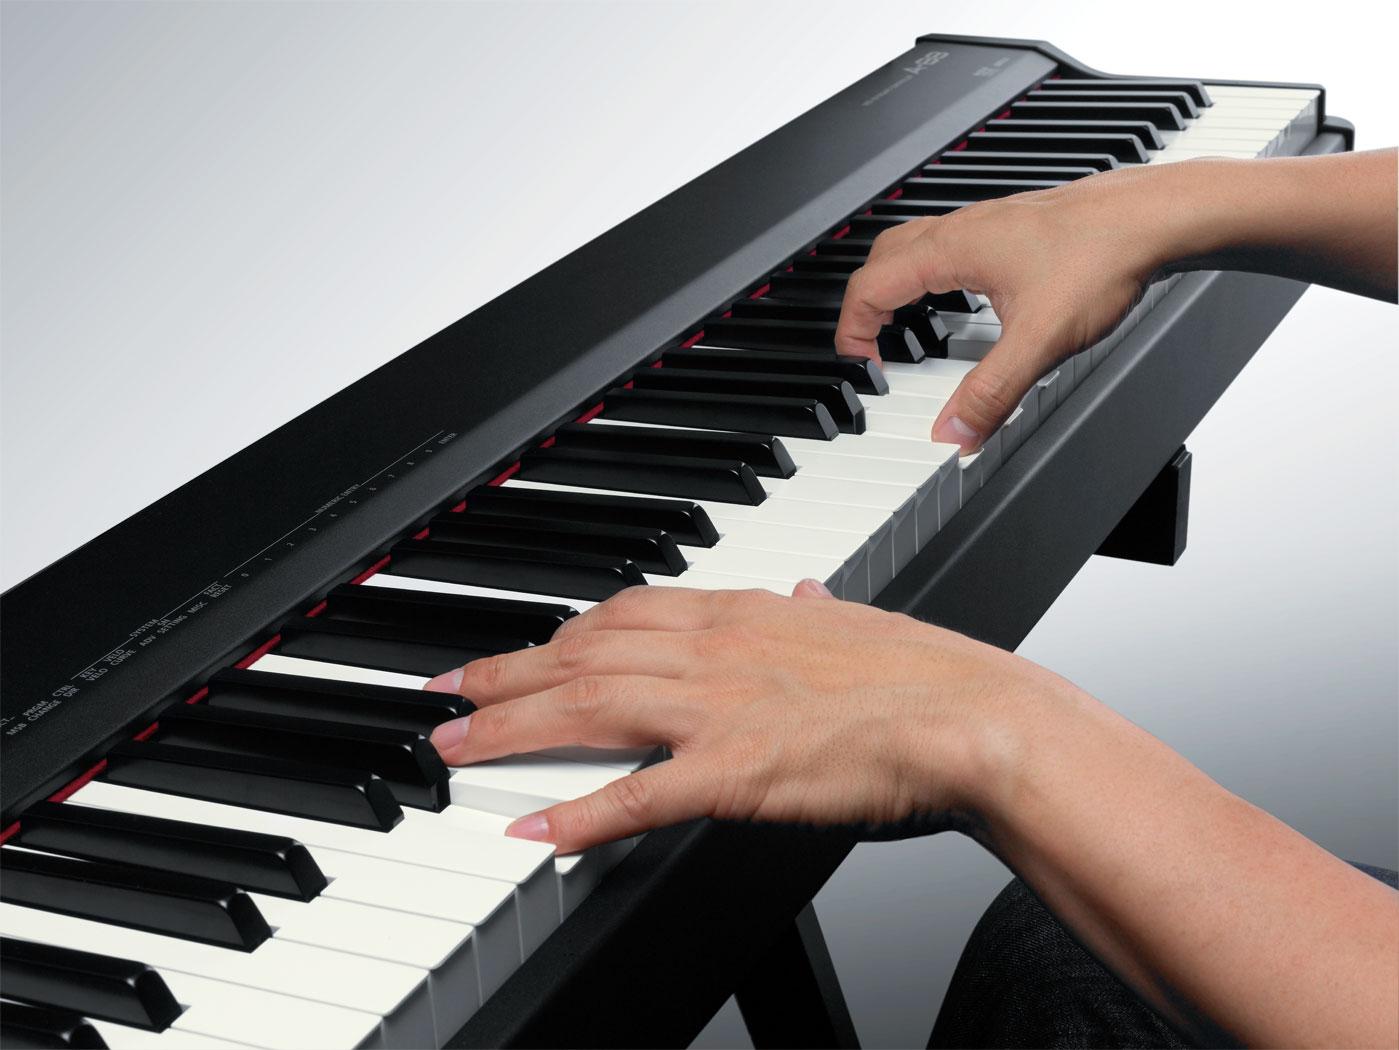 Chiều rộng các phím Organ nên bằng với phím đàn Piano cơ